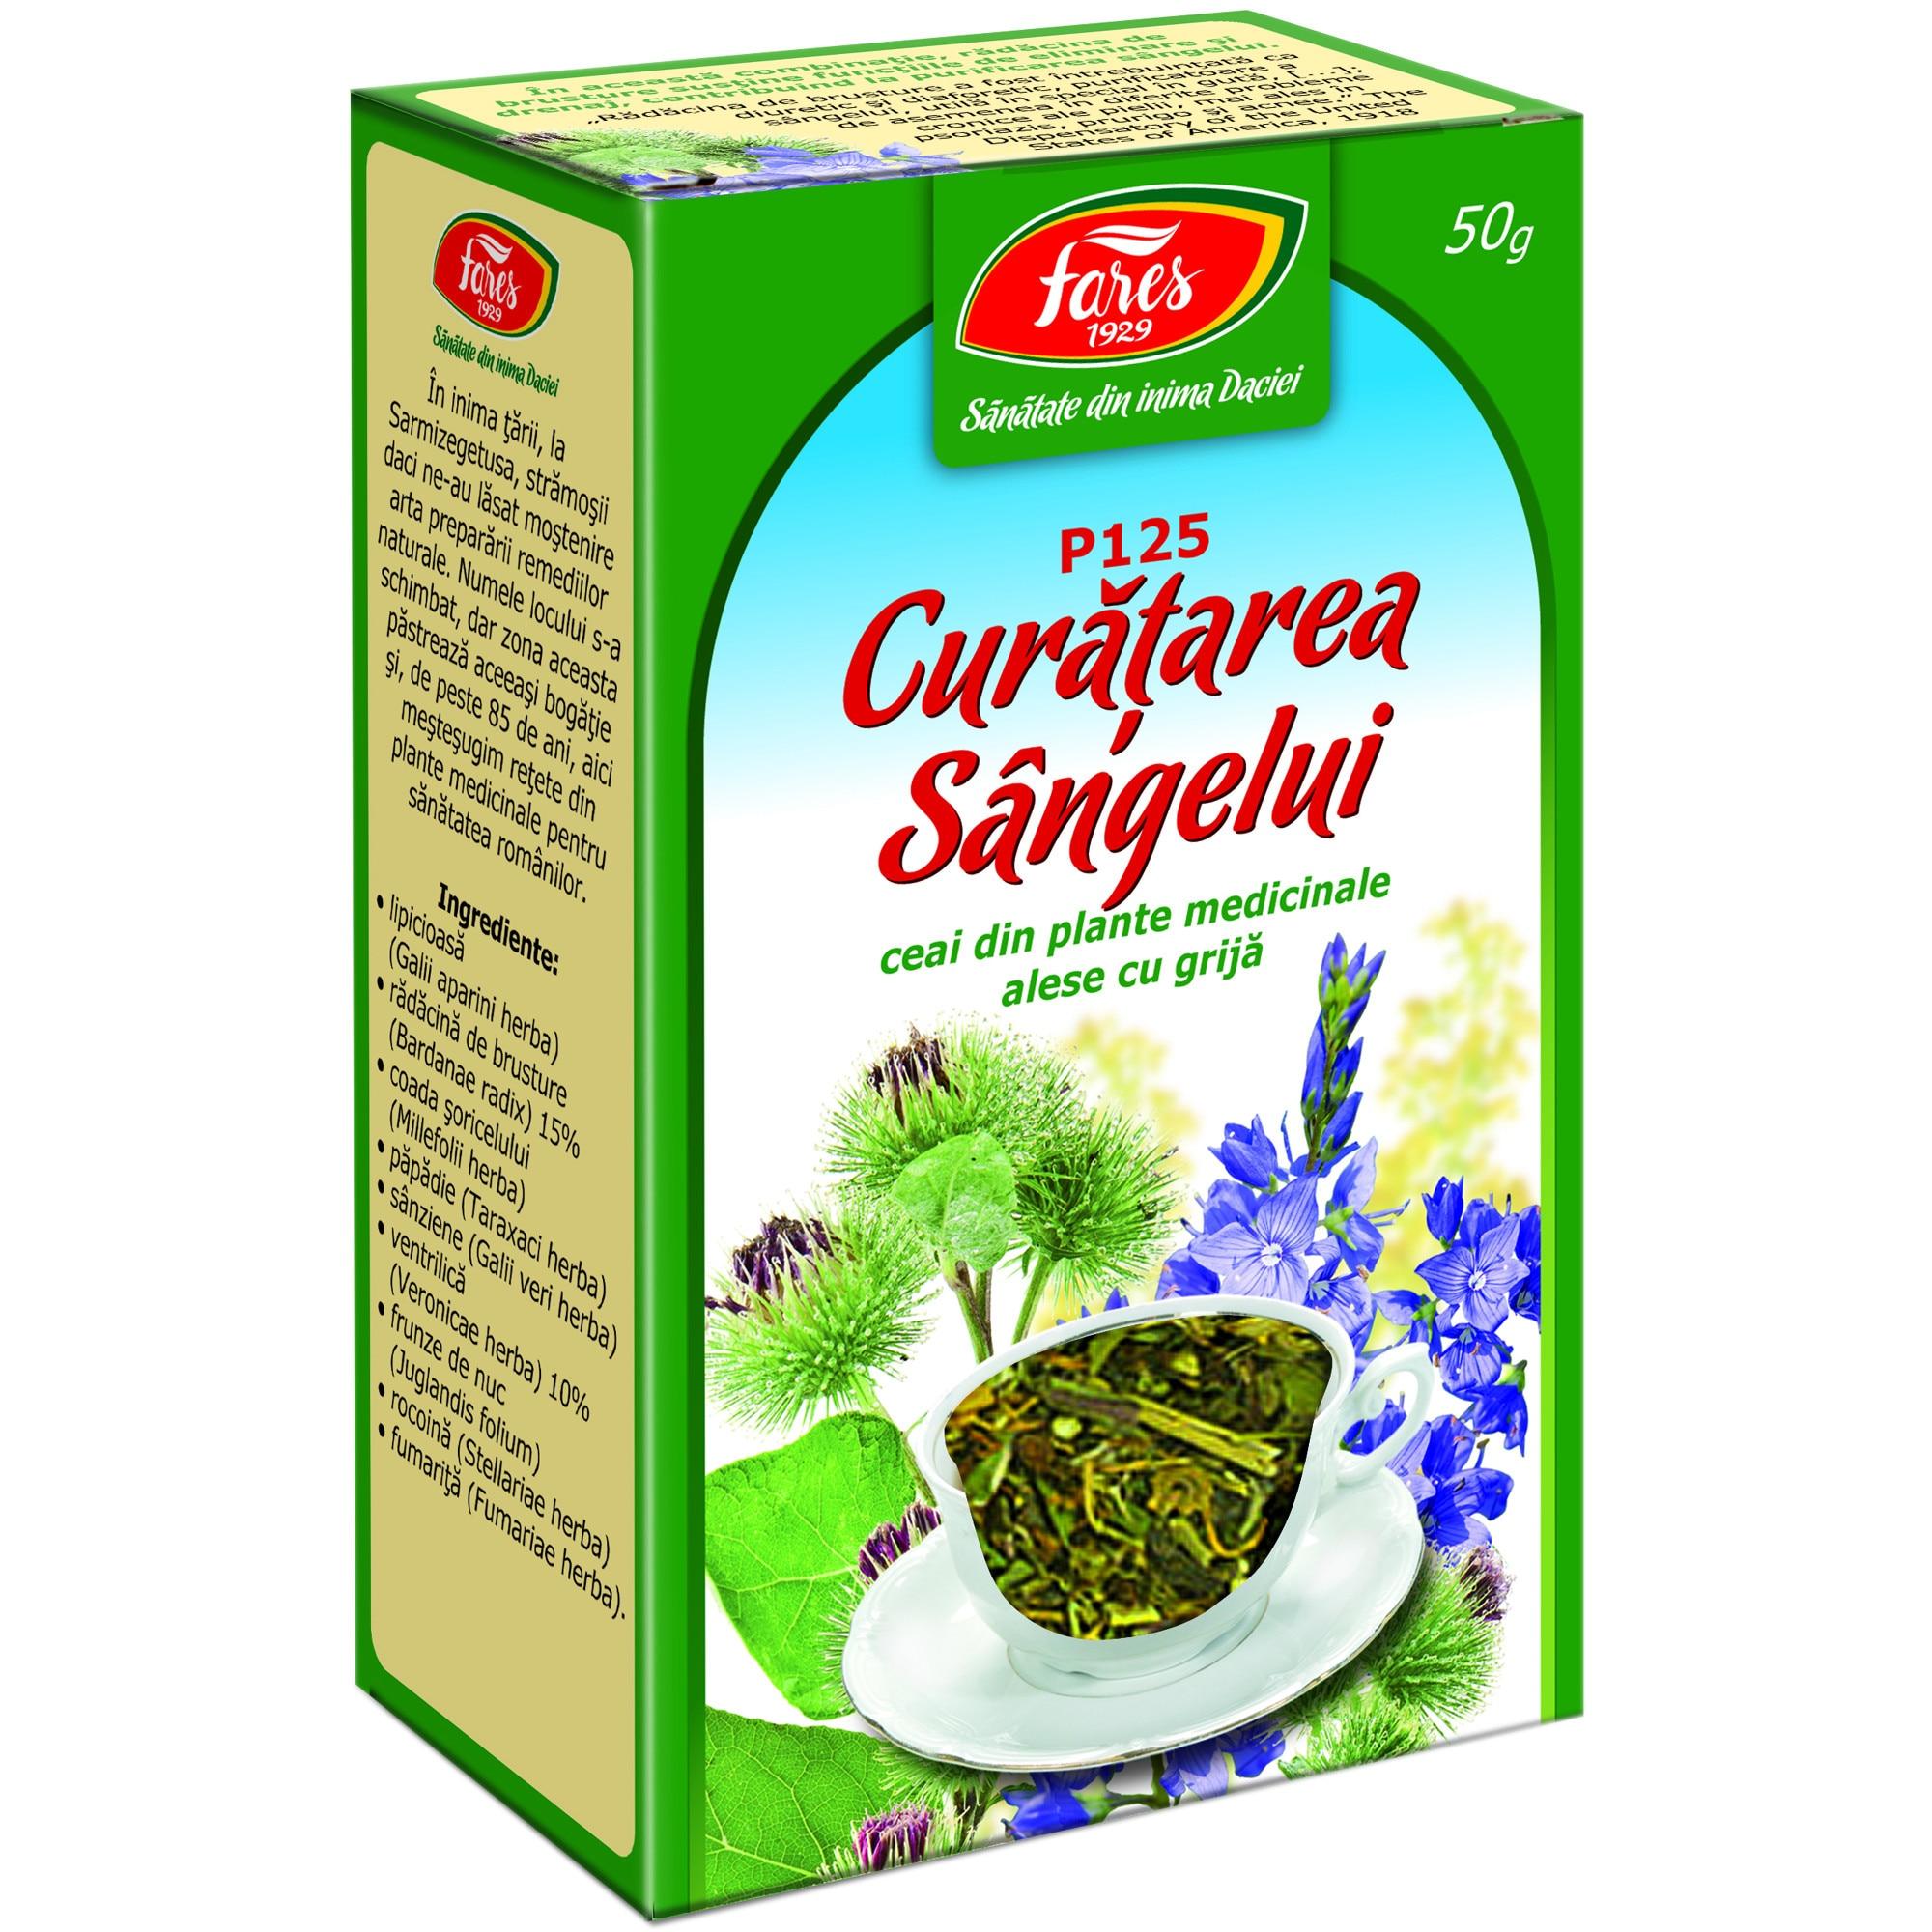 Ceai Curatarea Sangelui (P125) 50g FARES